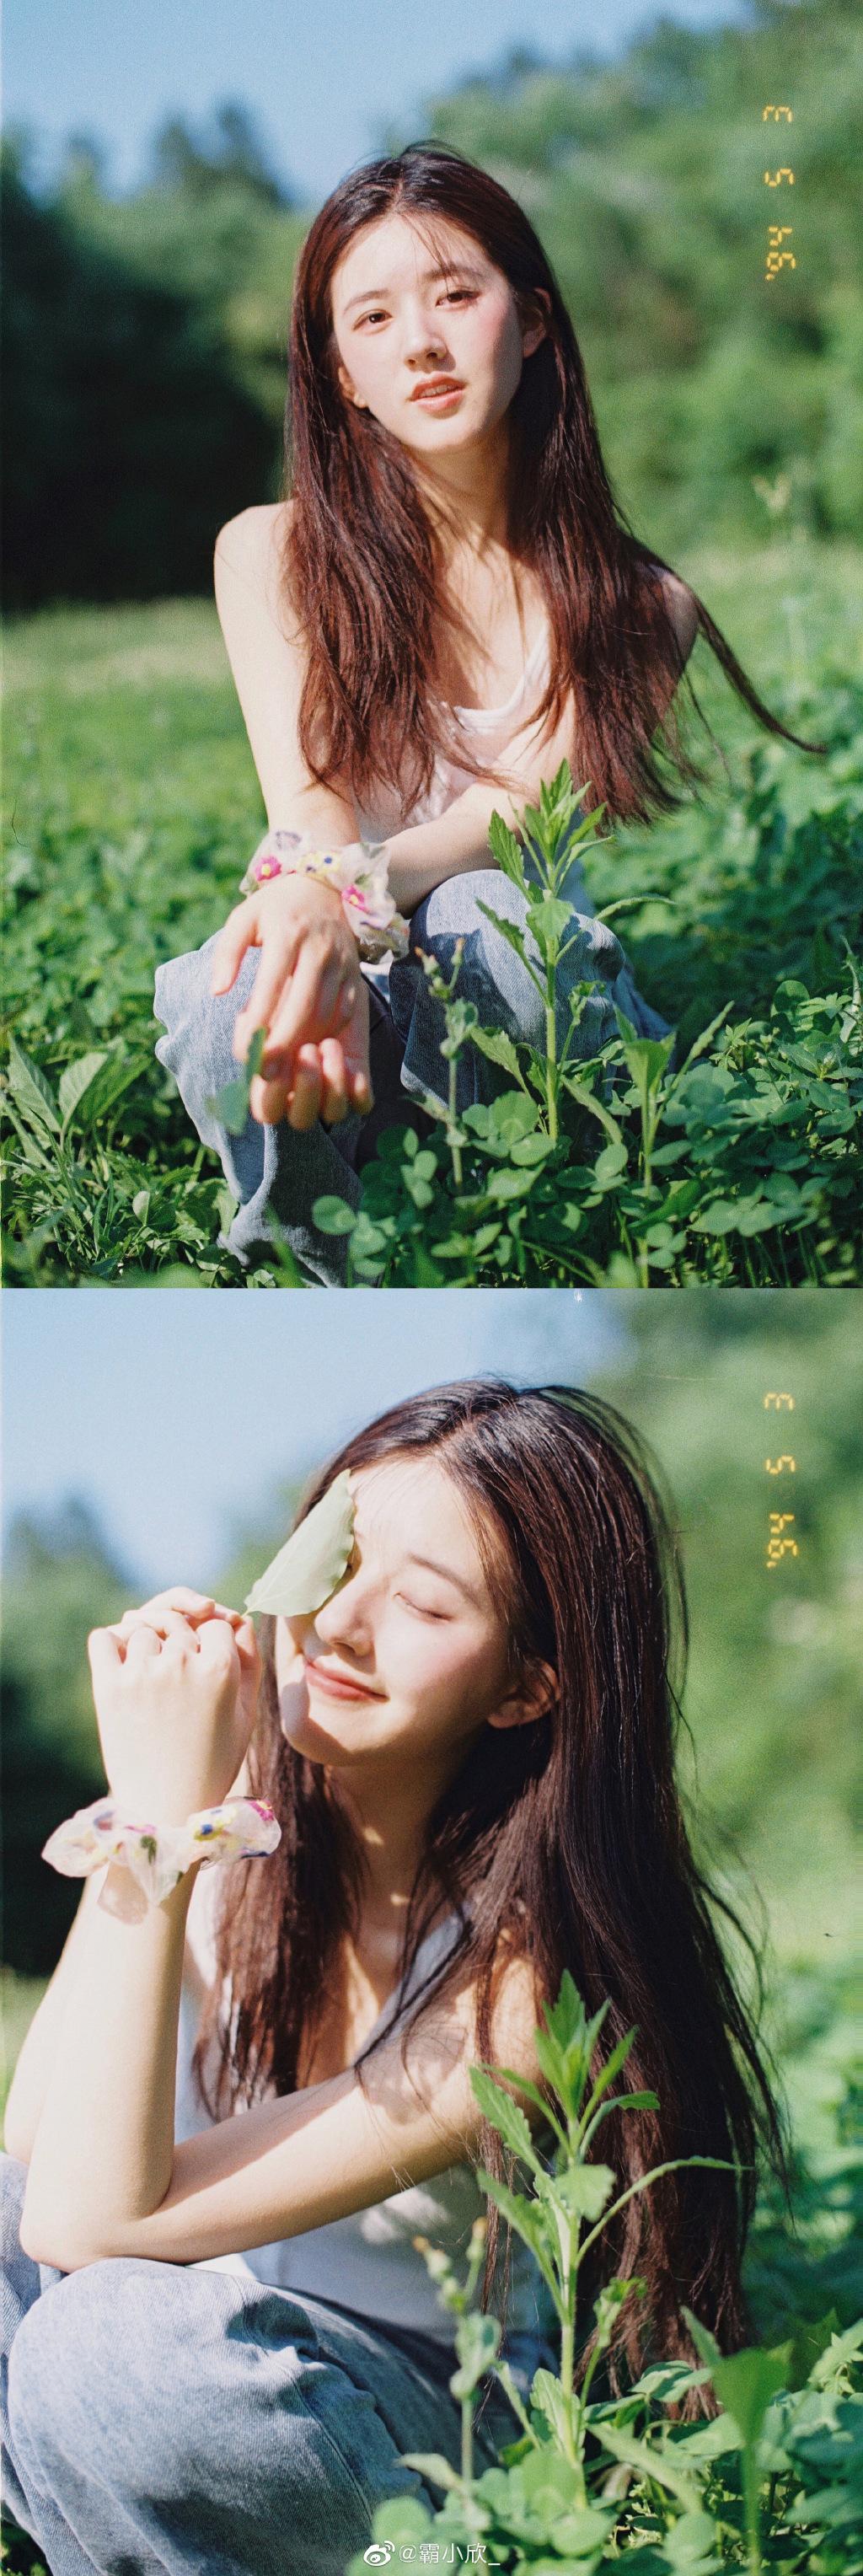 赵露思|夏日写真合集